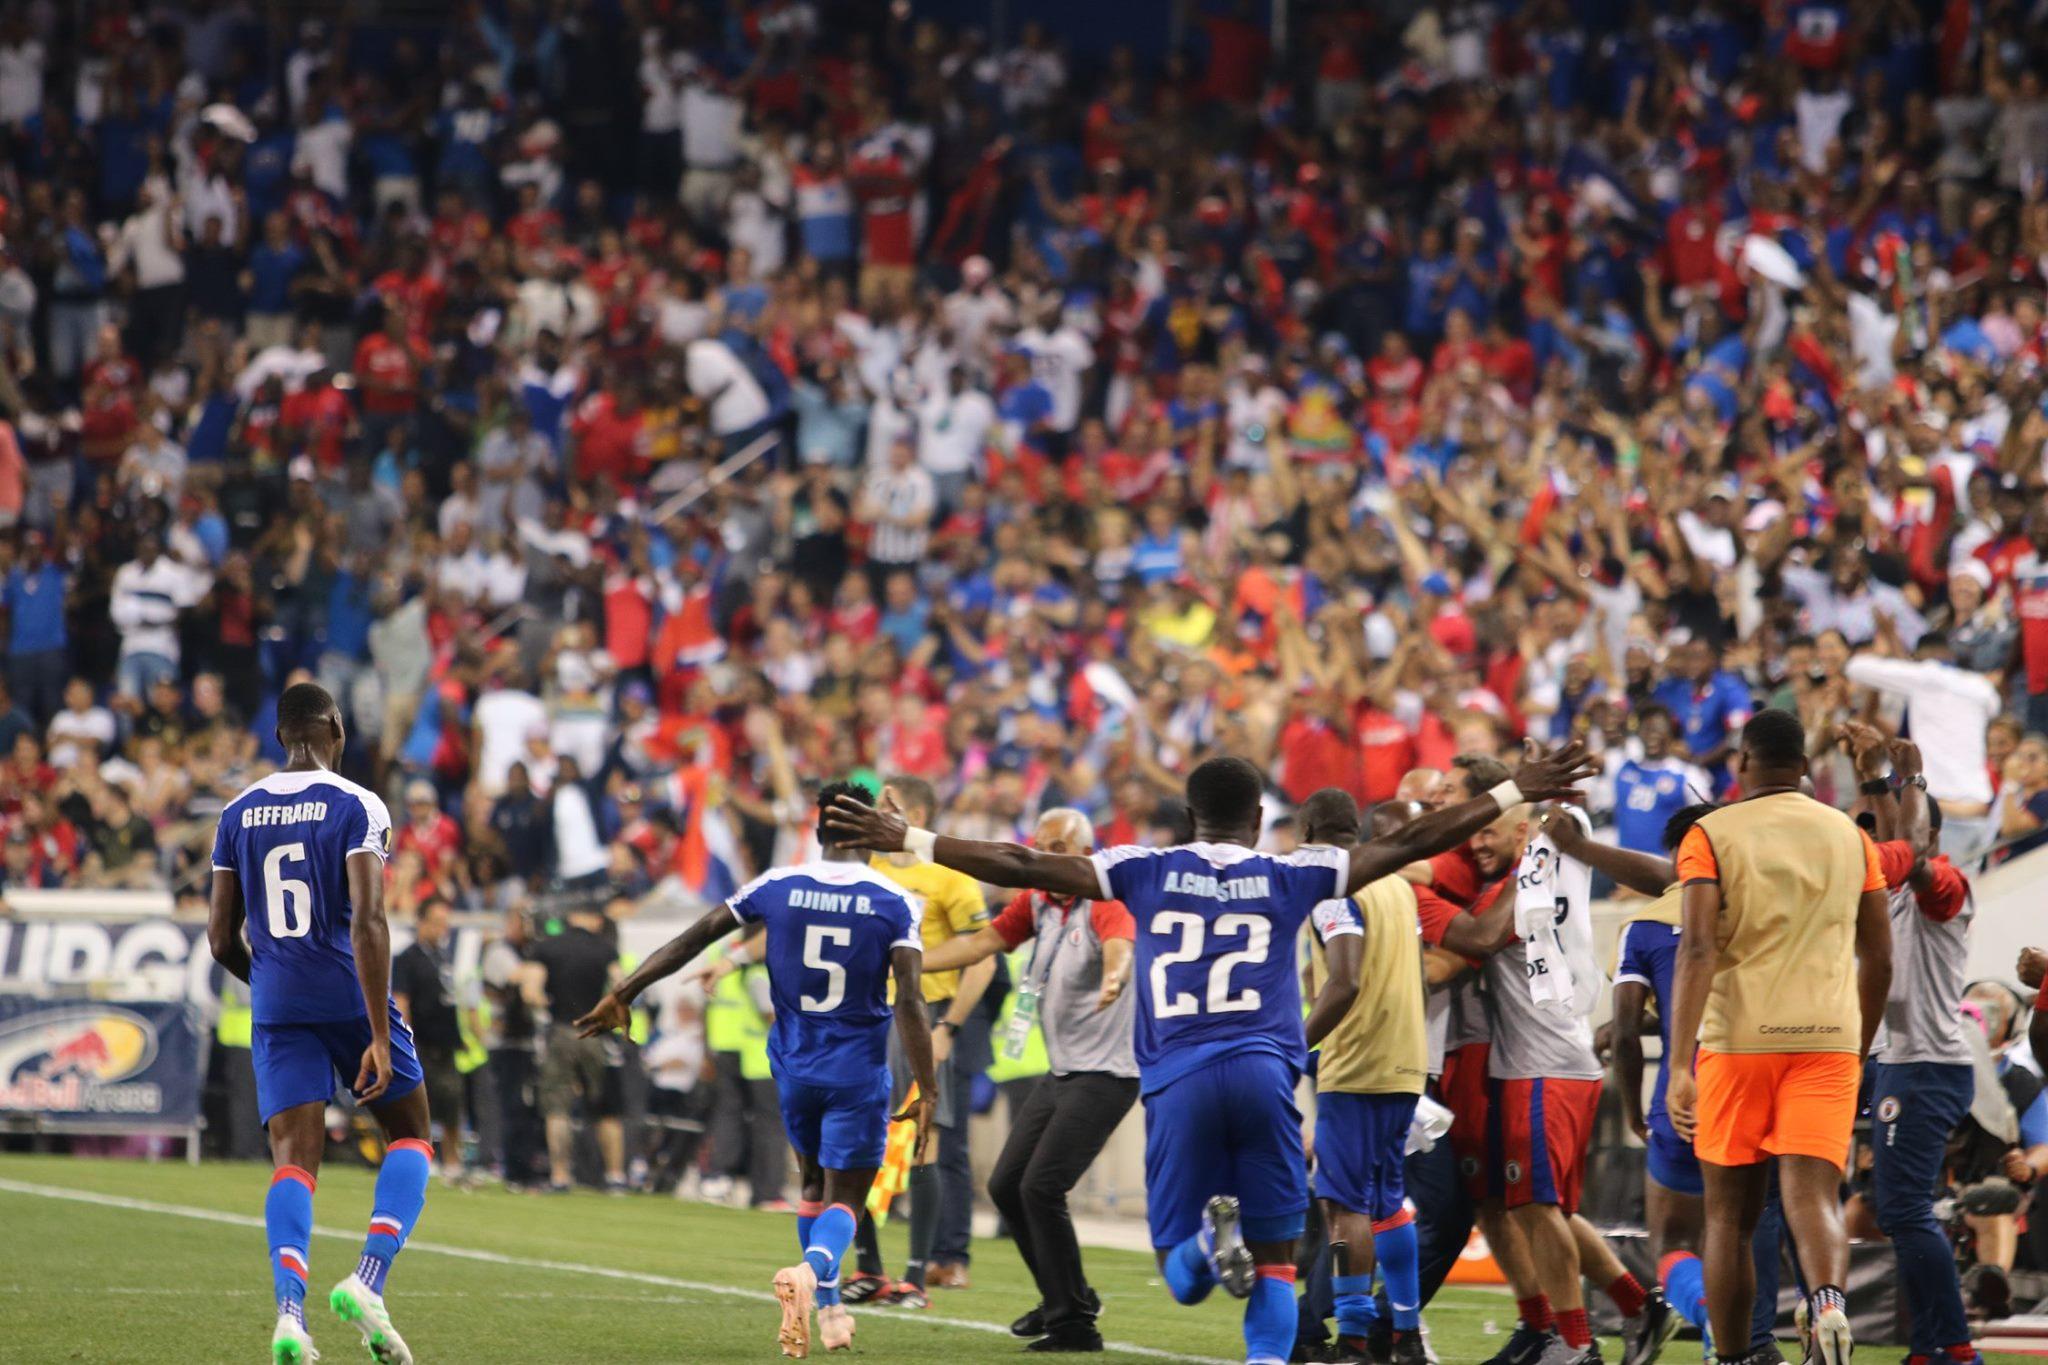 Les Grenadiers célèbrent le but victorieux contre le Costa Rica. Photo : FHF